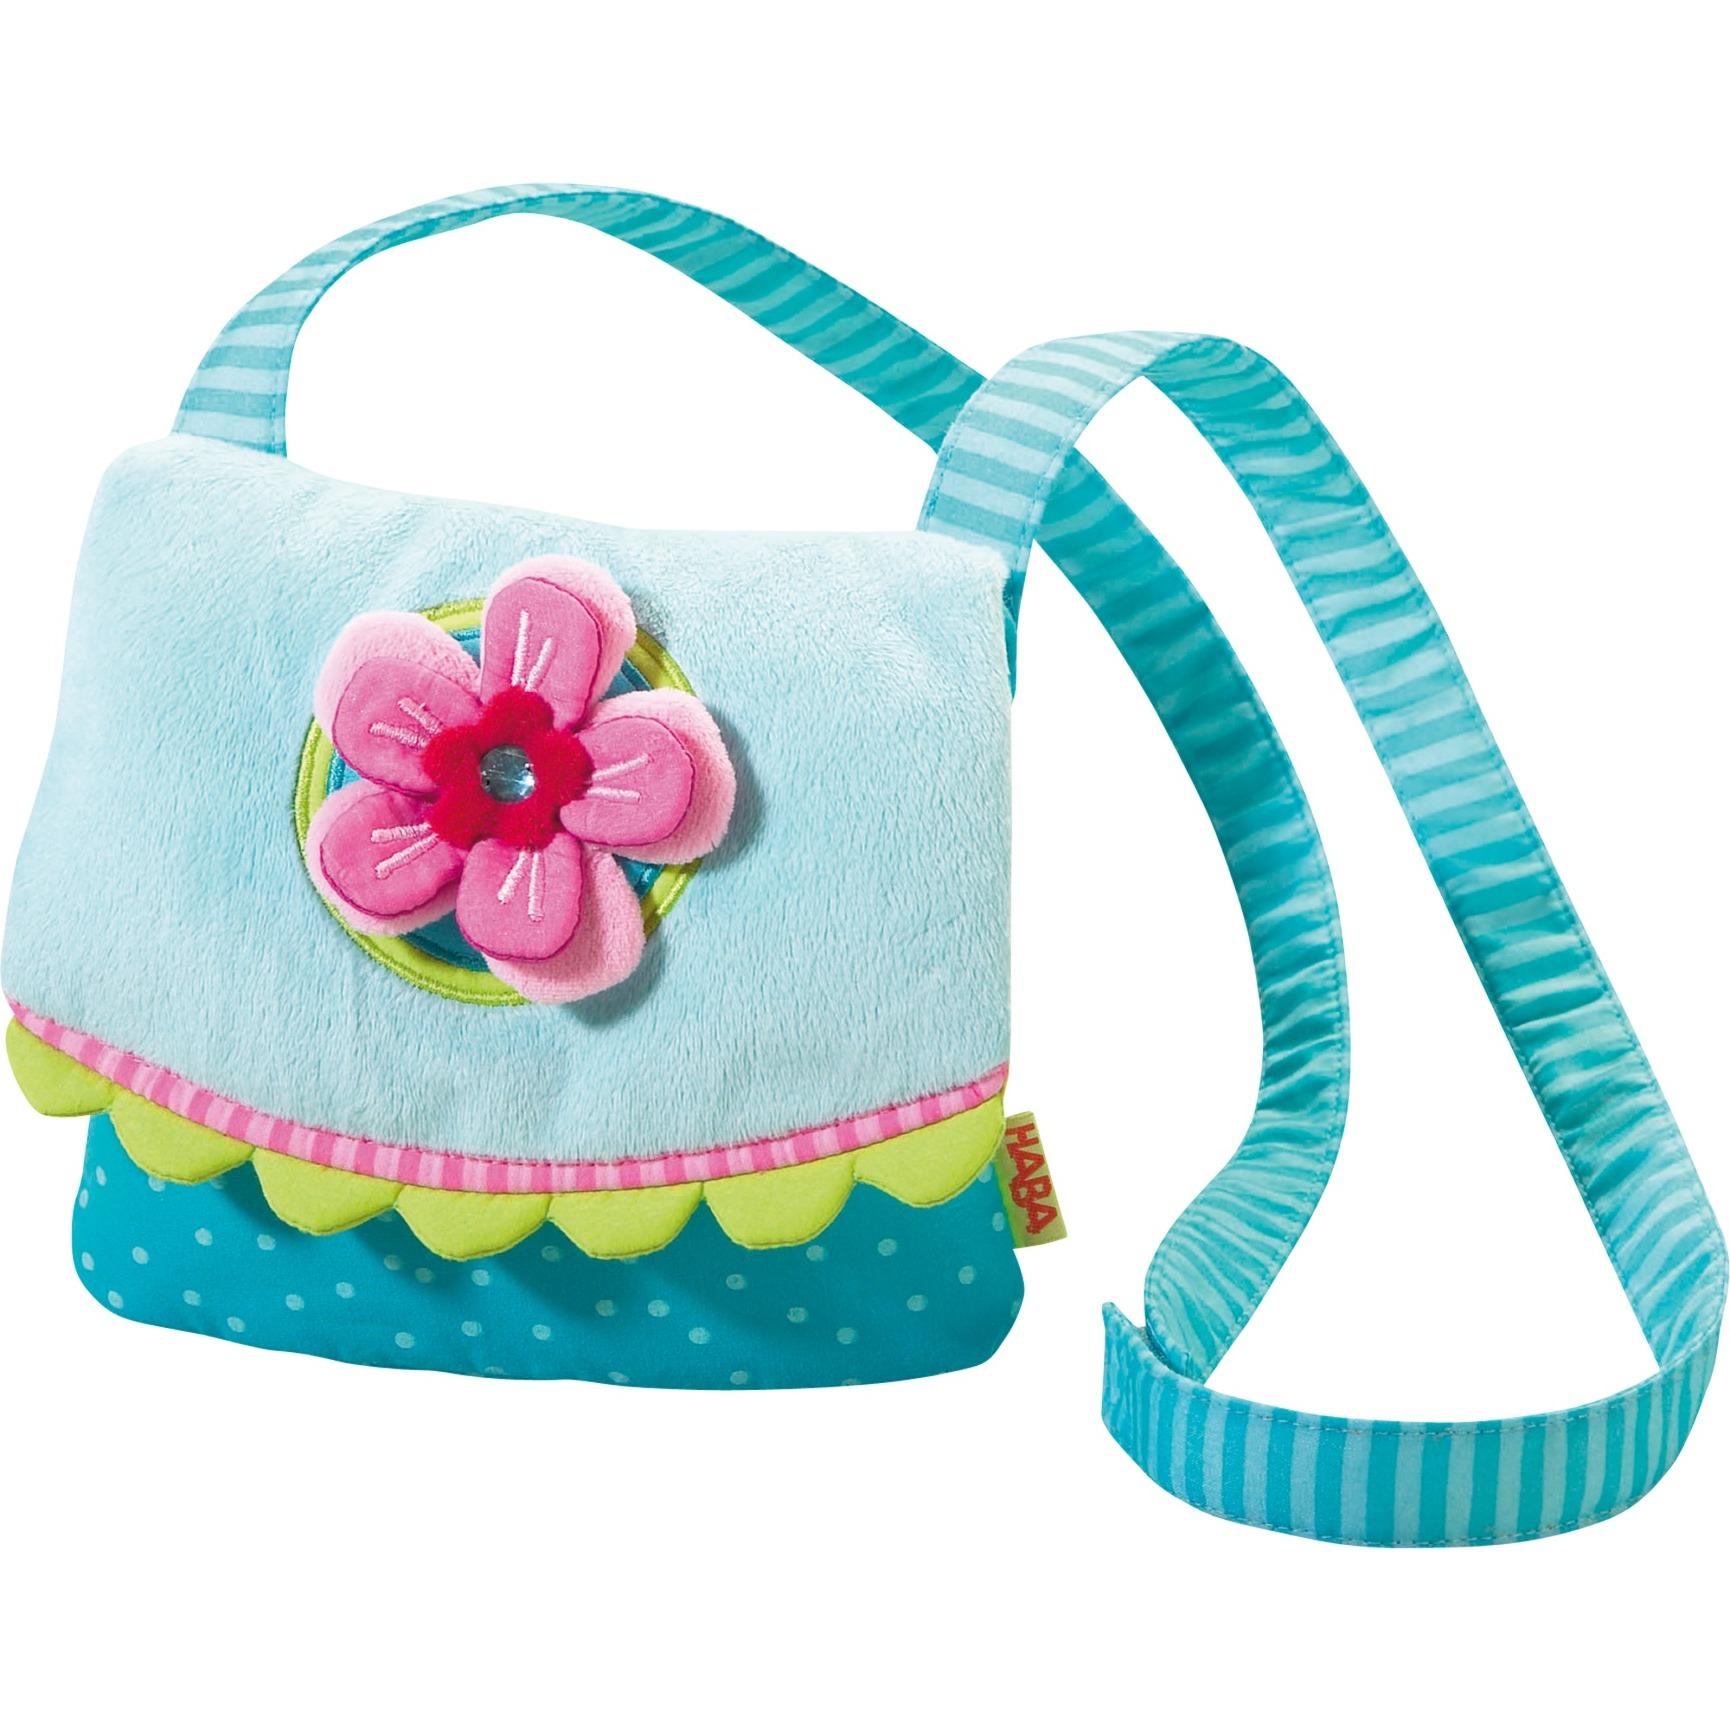 002136 Toddler bag Azul, Verde, Rosa bolso para niño, Bolsa